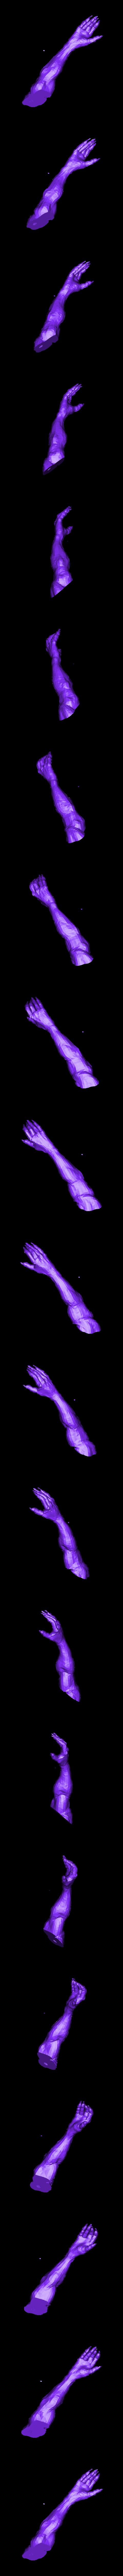 KRAMPUS_switching_arm_2print.stl Download free STL file KRAMPUS Halloween/Xmas decoration R/C controlled (WIP) • Design to 3D print, atarka3